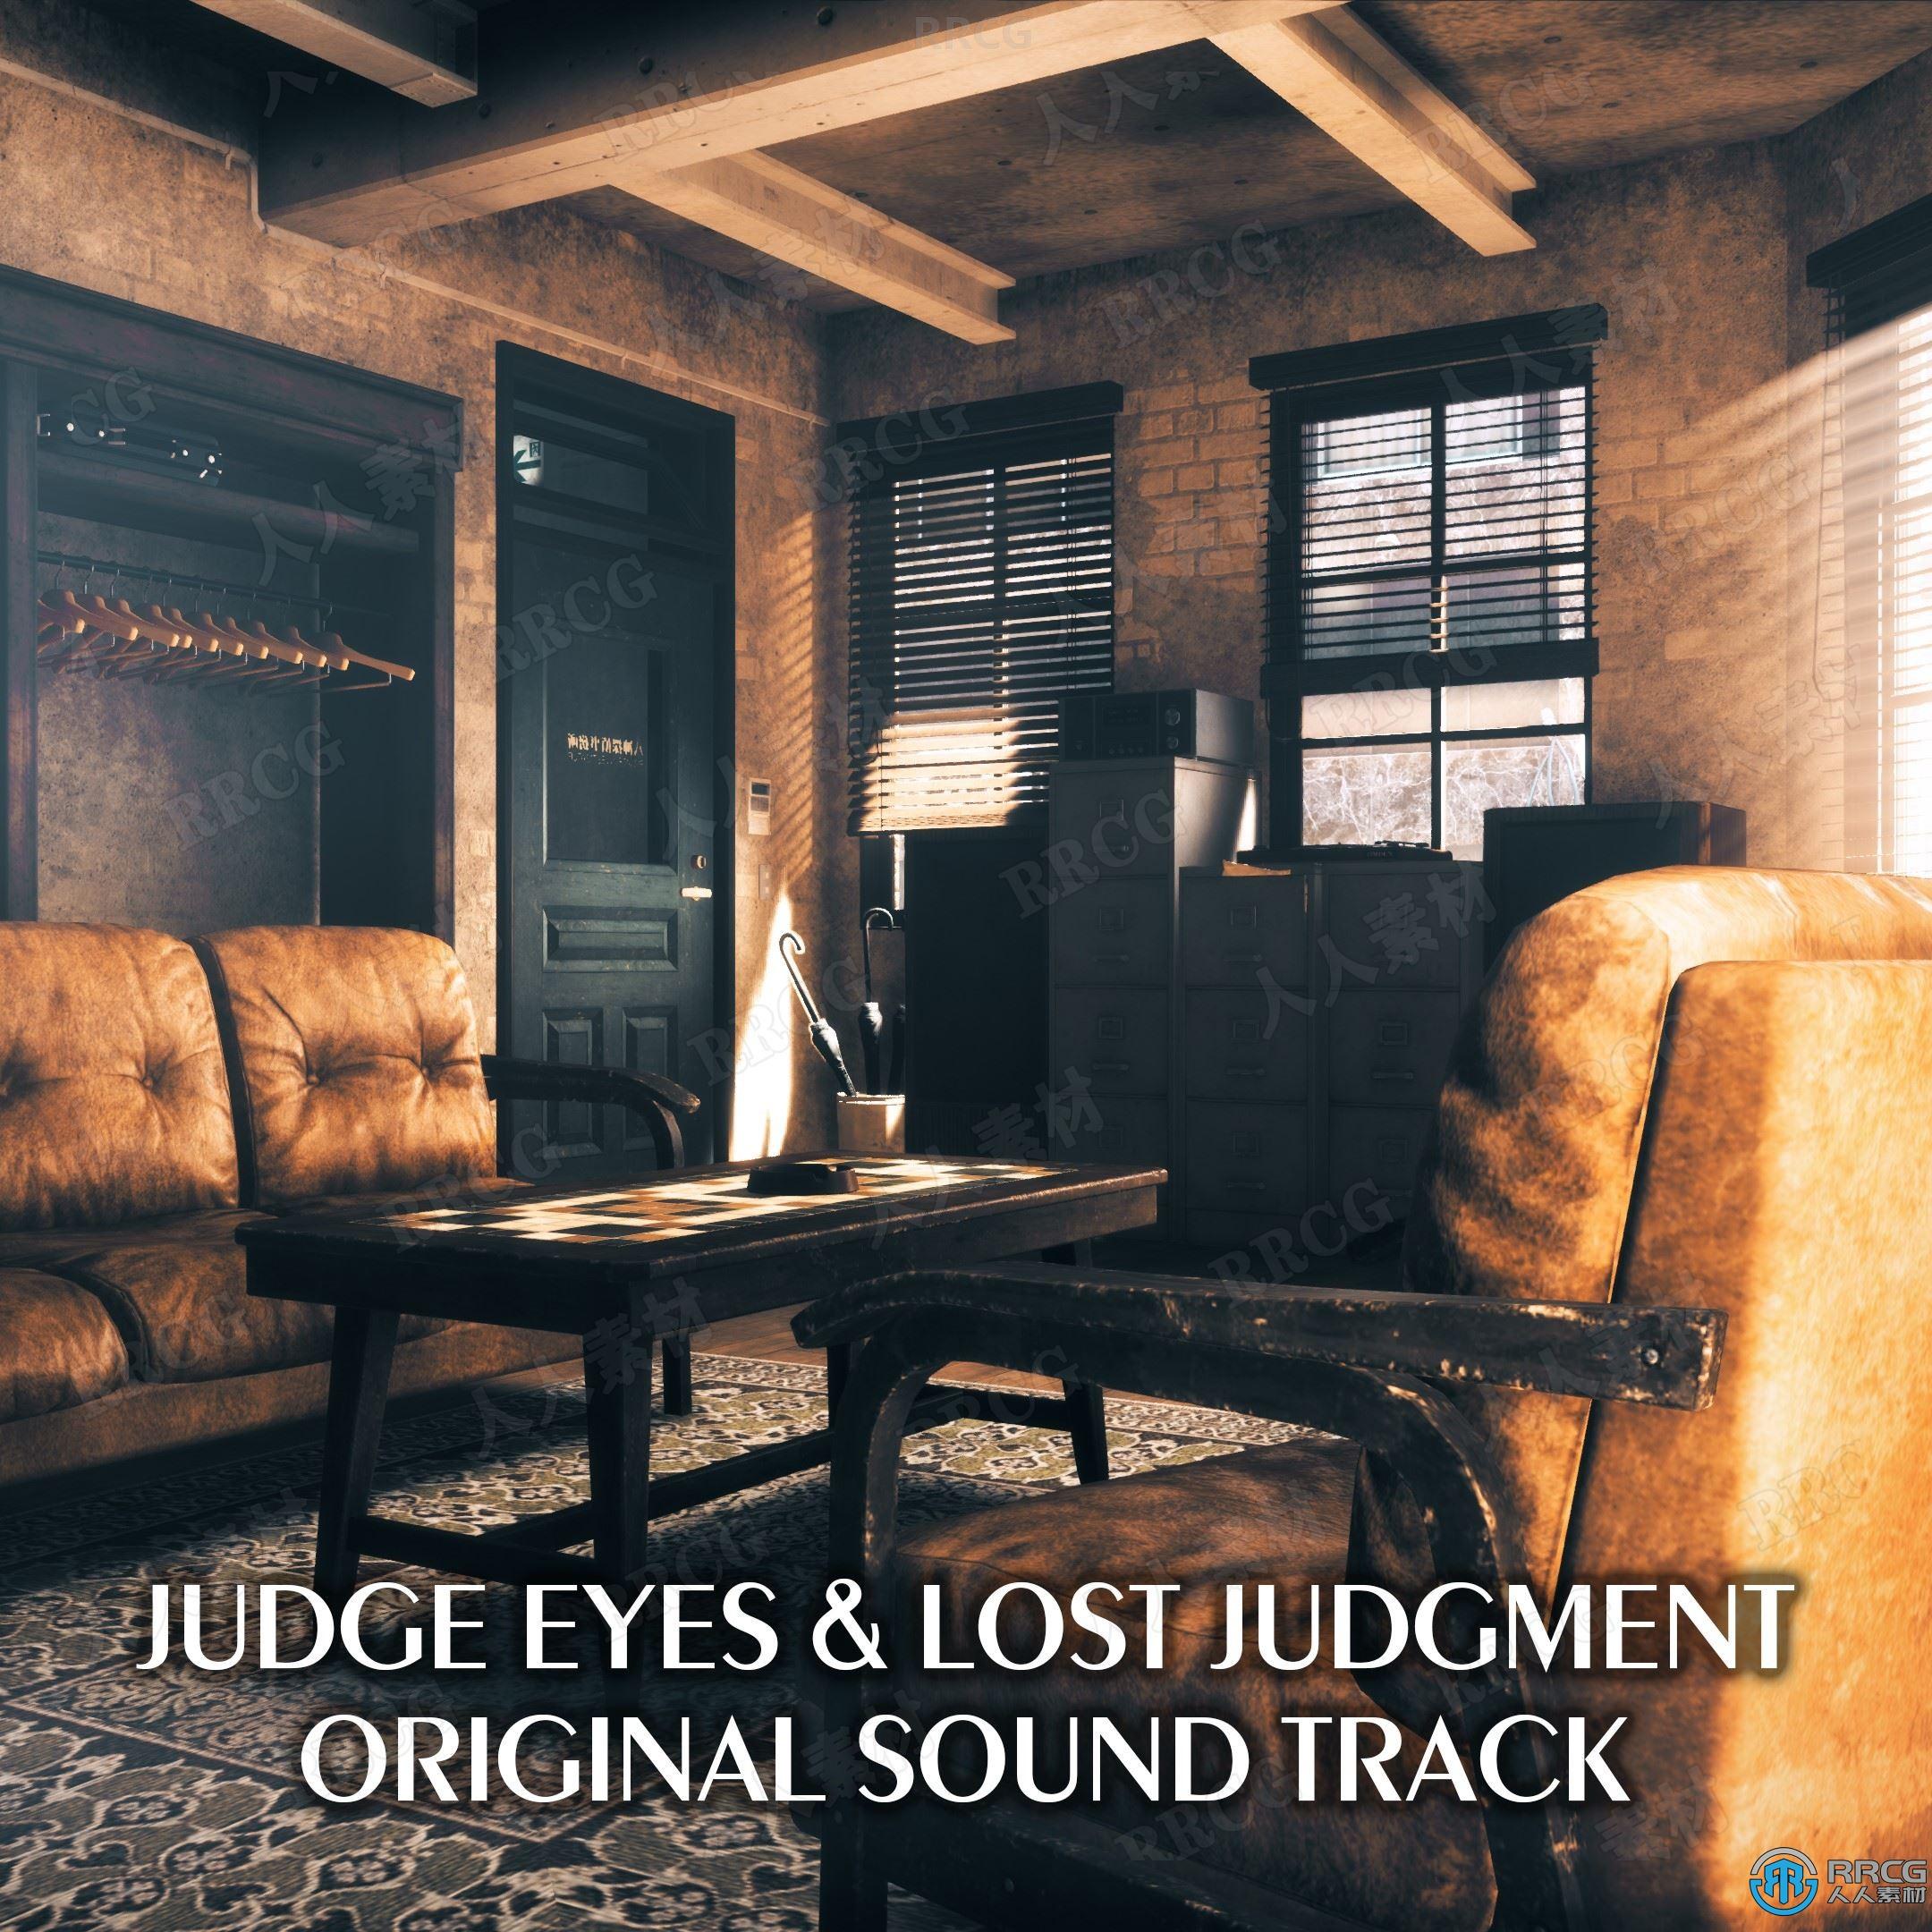 审判之逝:湮灭的记忆游戏配乐原声大碟OST音乐素材合集